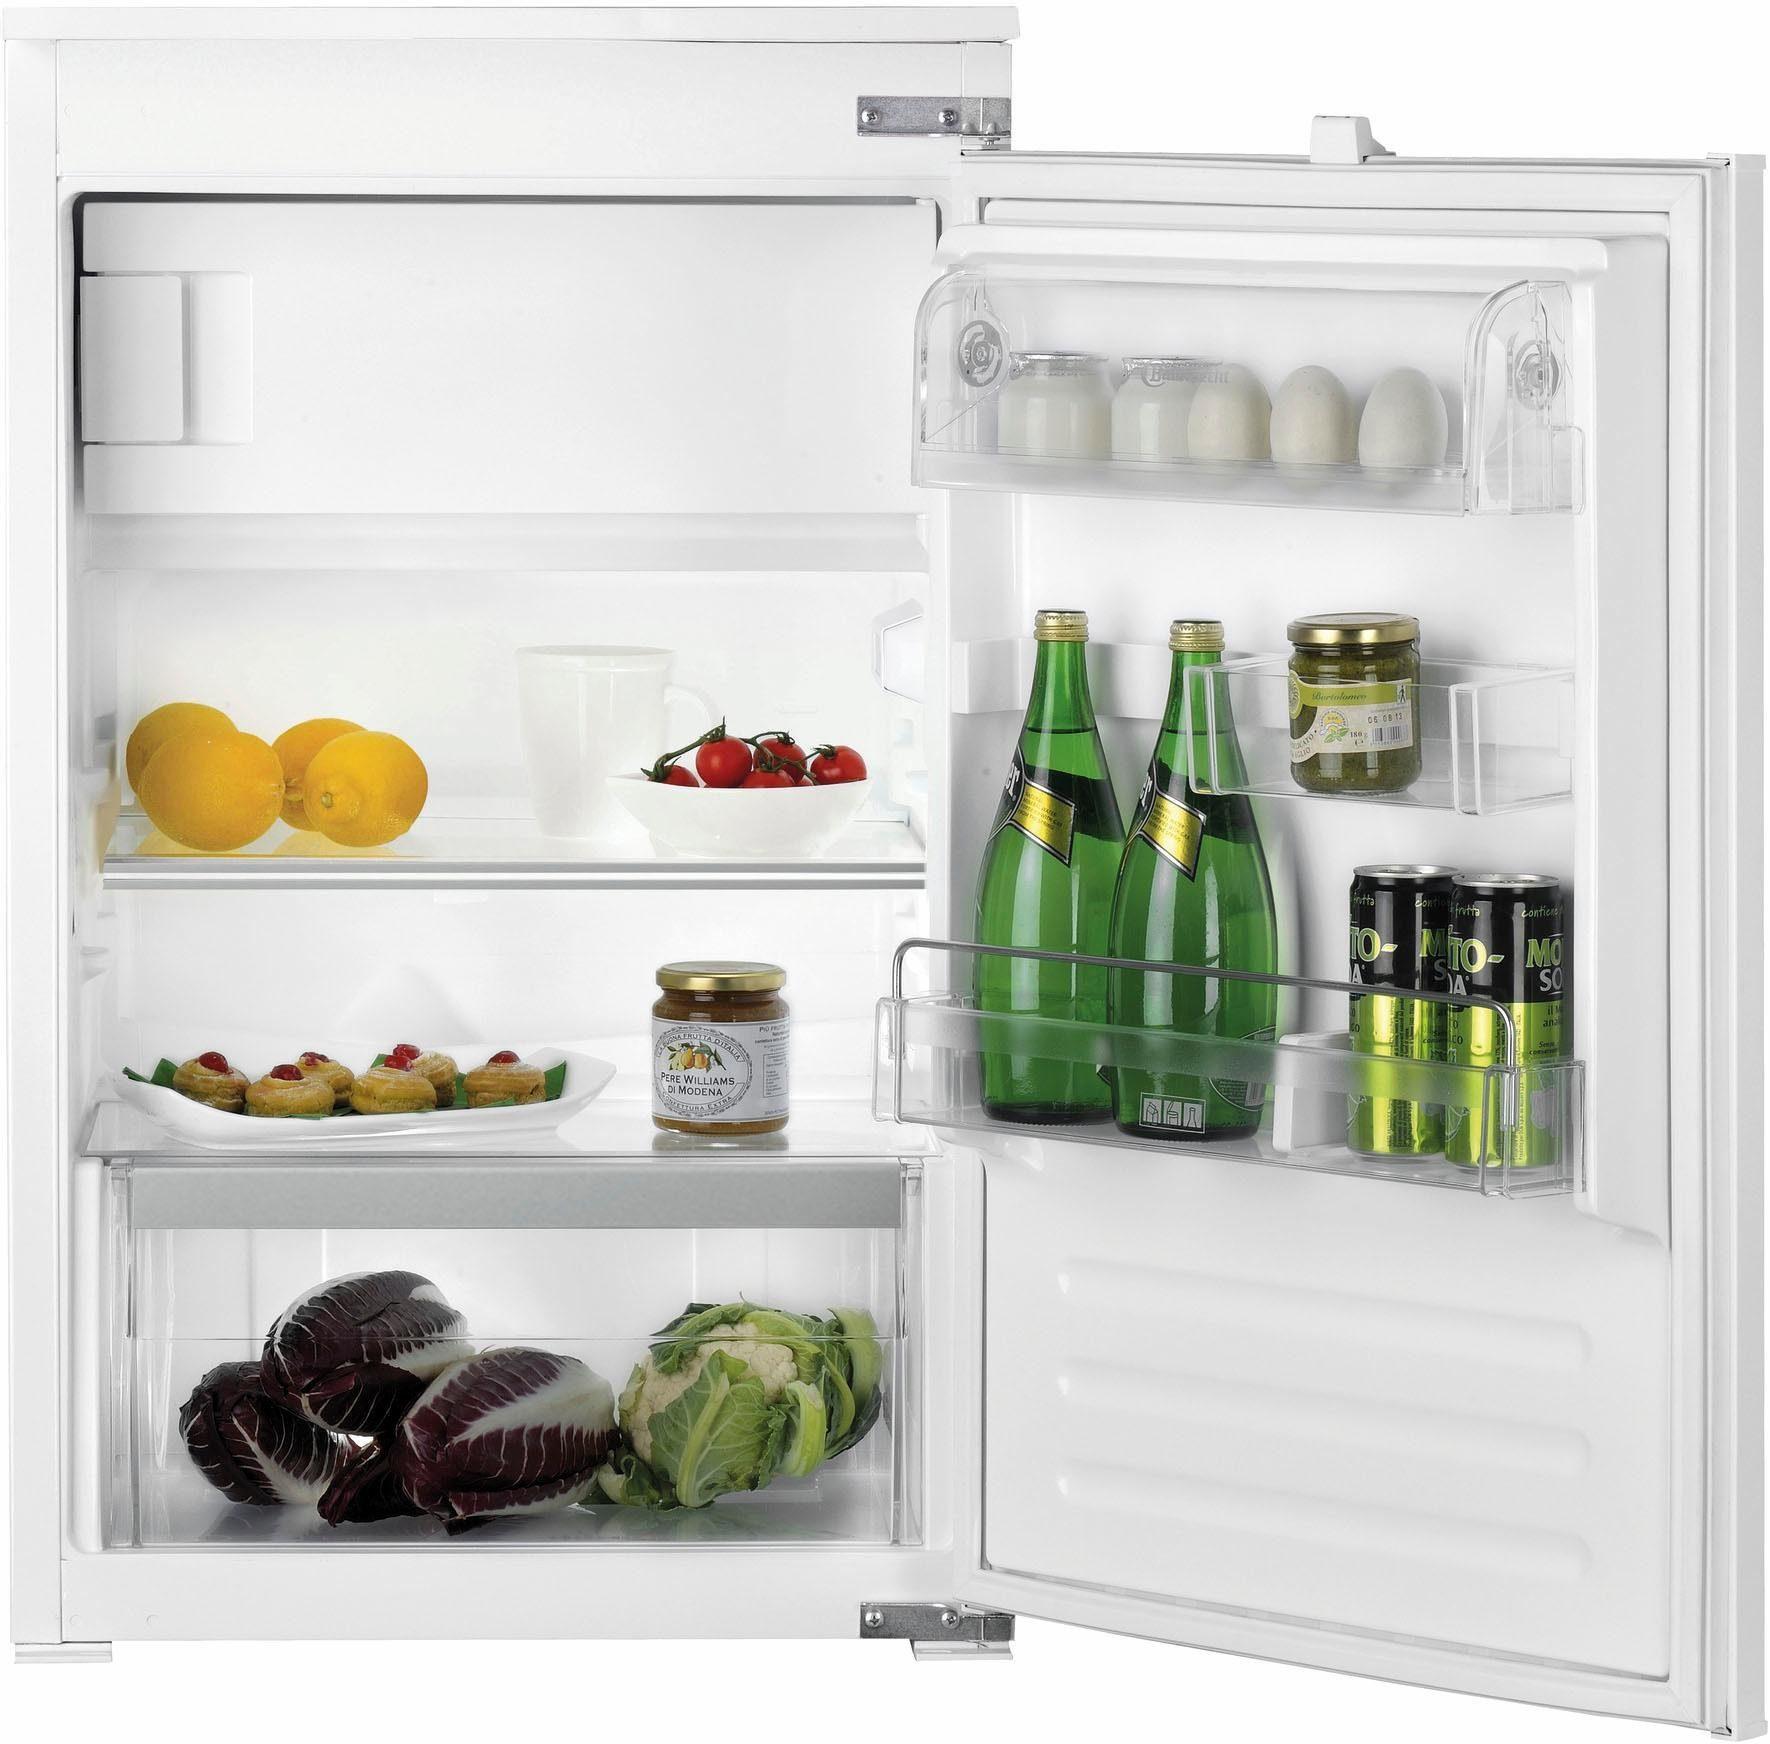 Bauknecht integrierbarerer Einbaukühlschrank mit Gefrierfach KVIE 1000, A++, 87,3 cm hoch